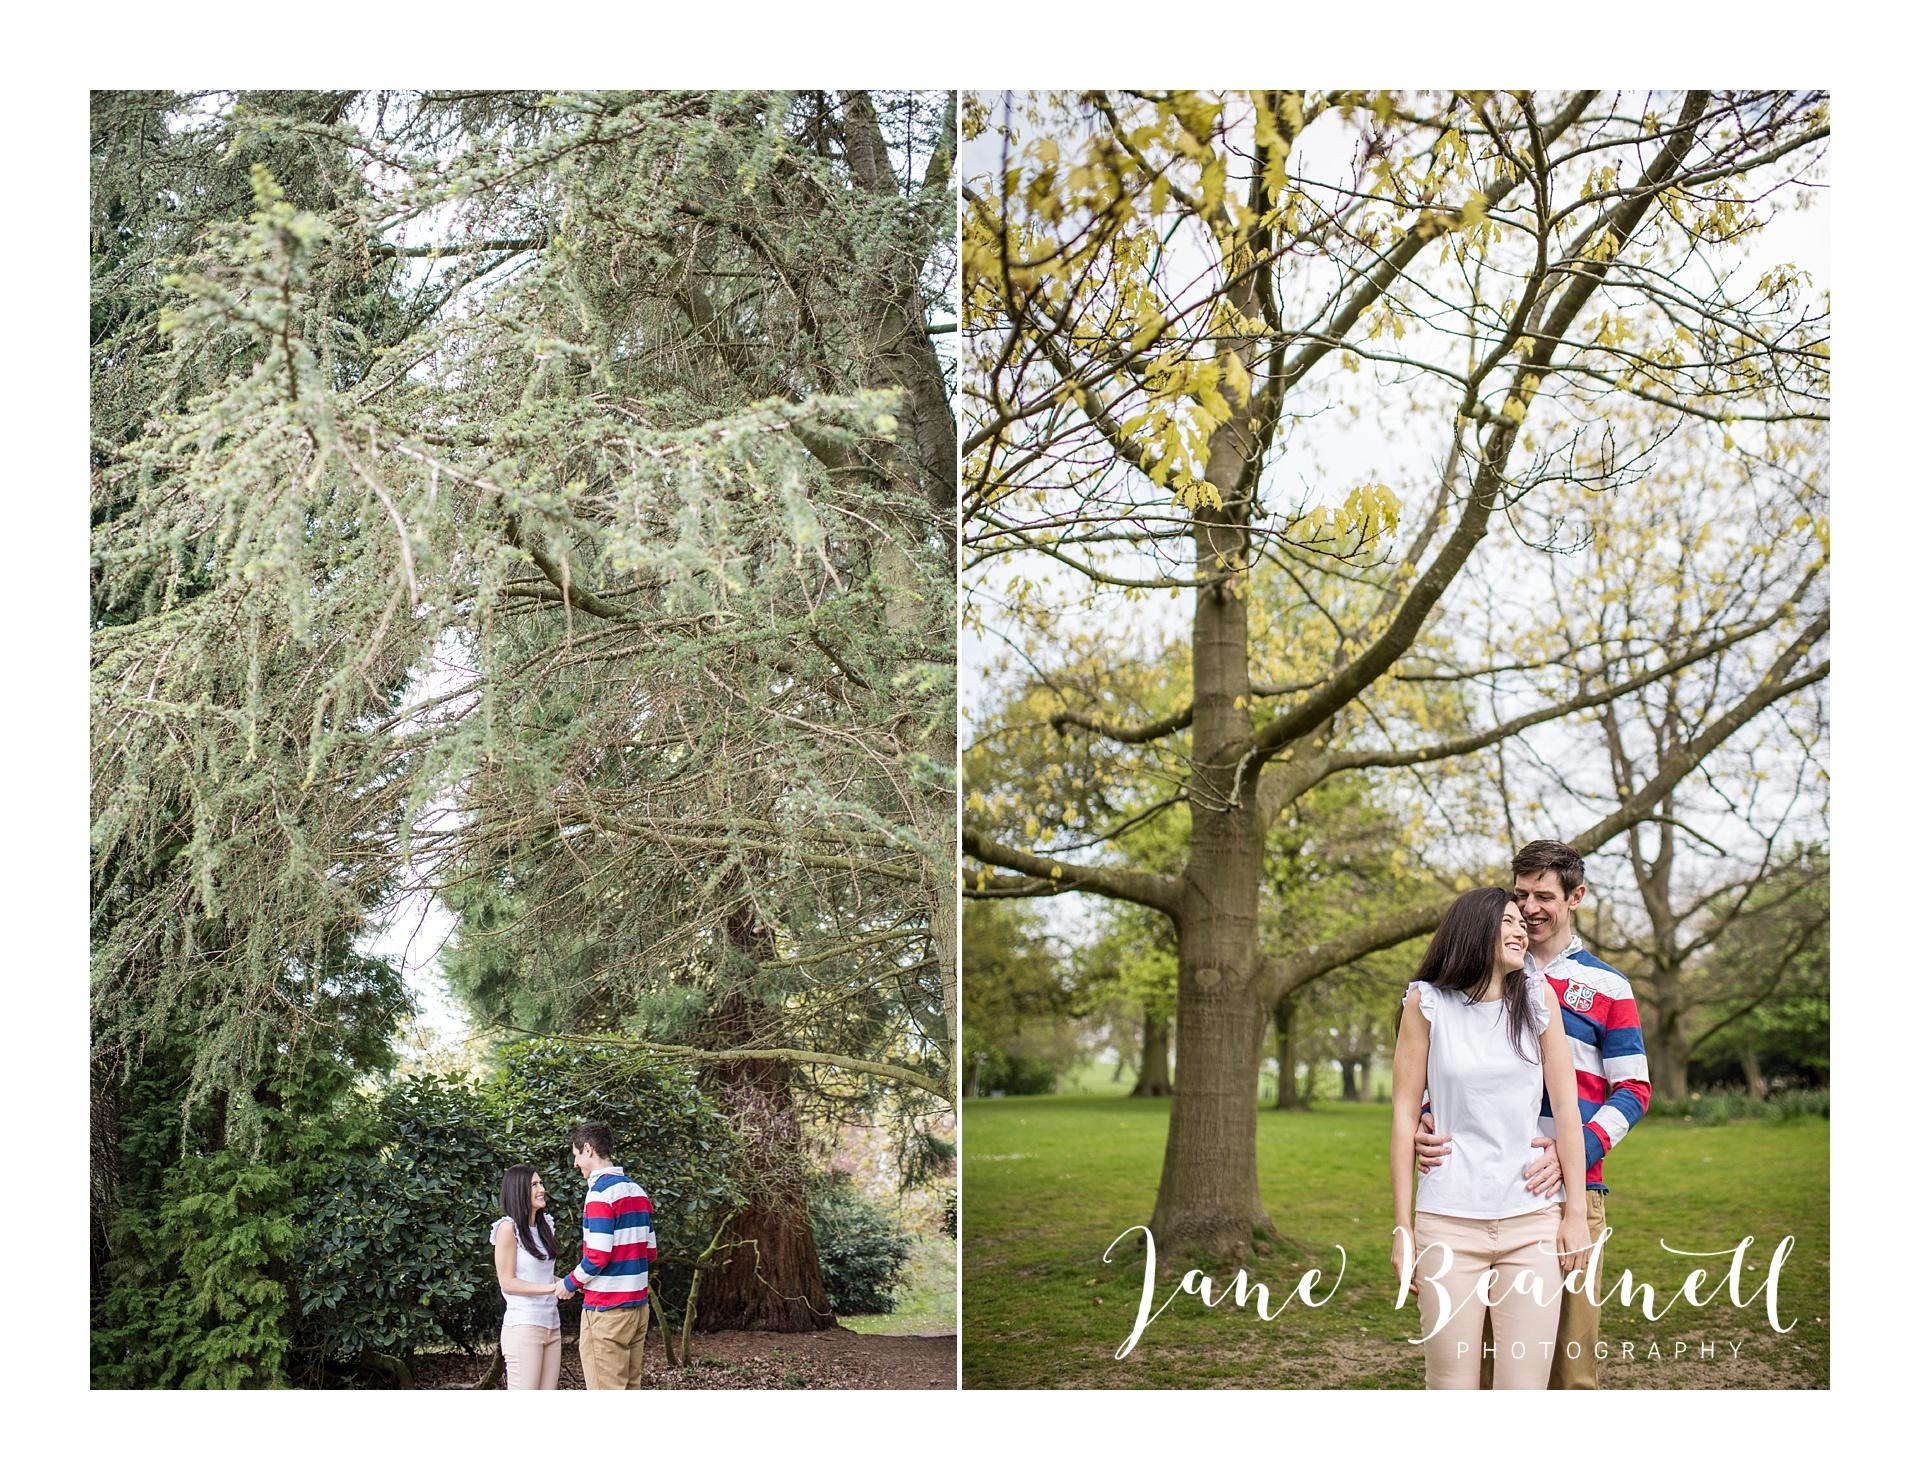 Yorkshire Sculpture Park Engagement Shoot Leeds wedding photographer Jane Beadnell_0018